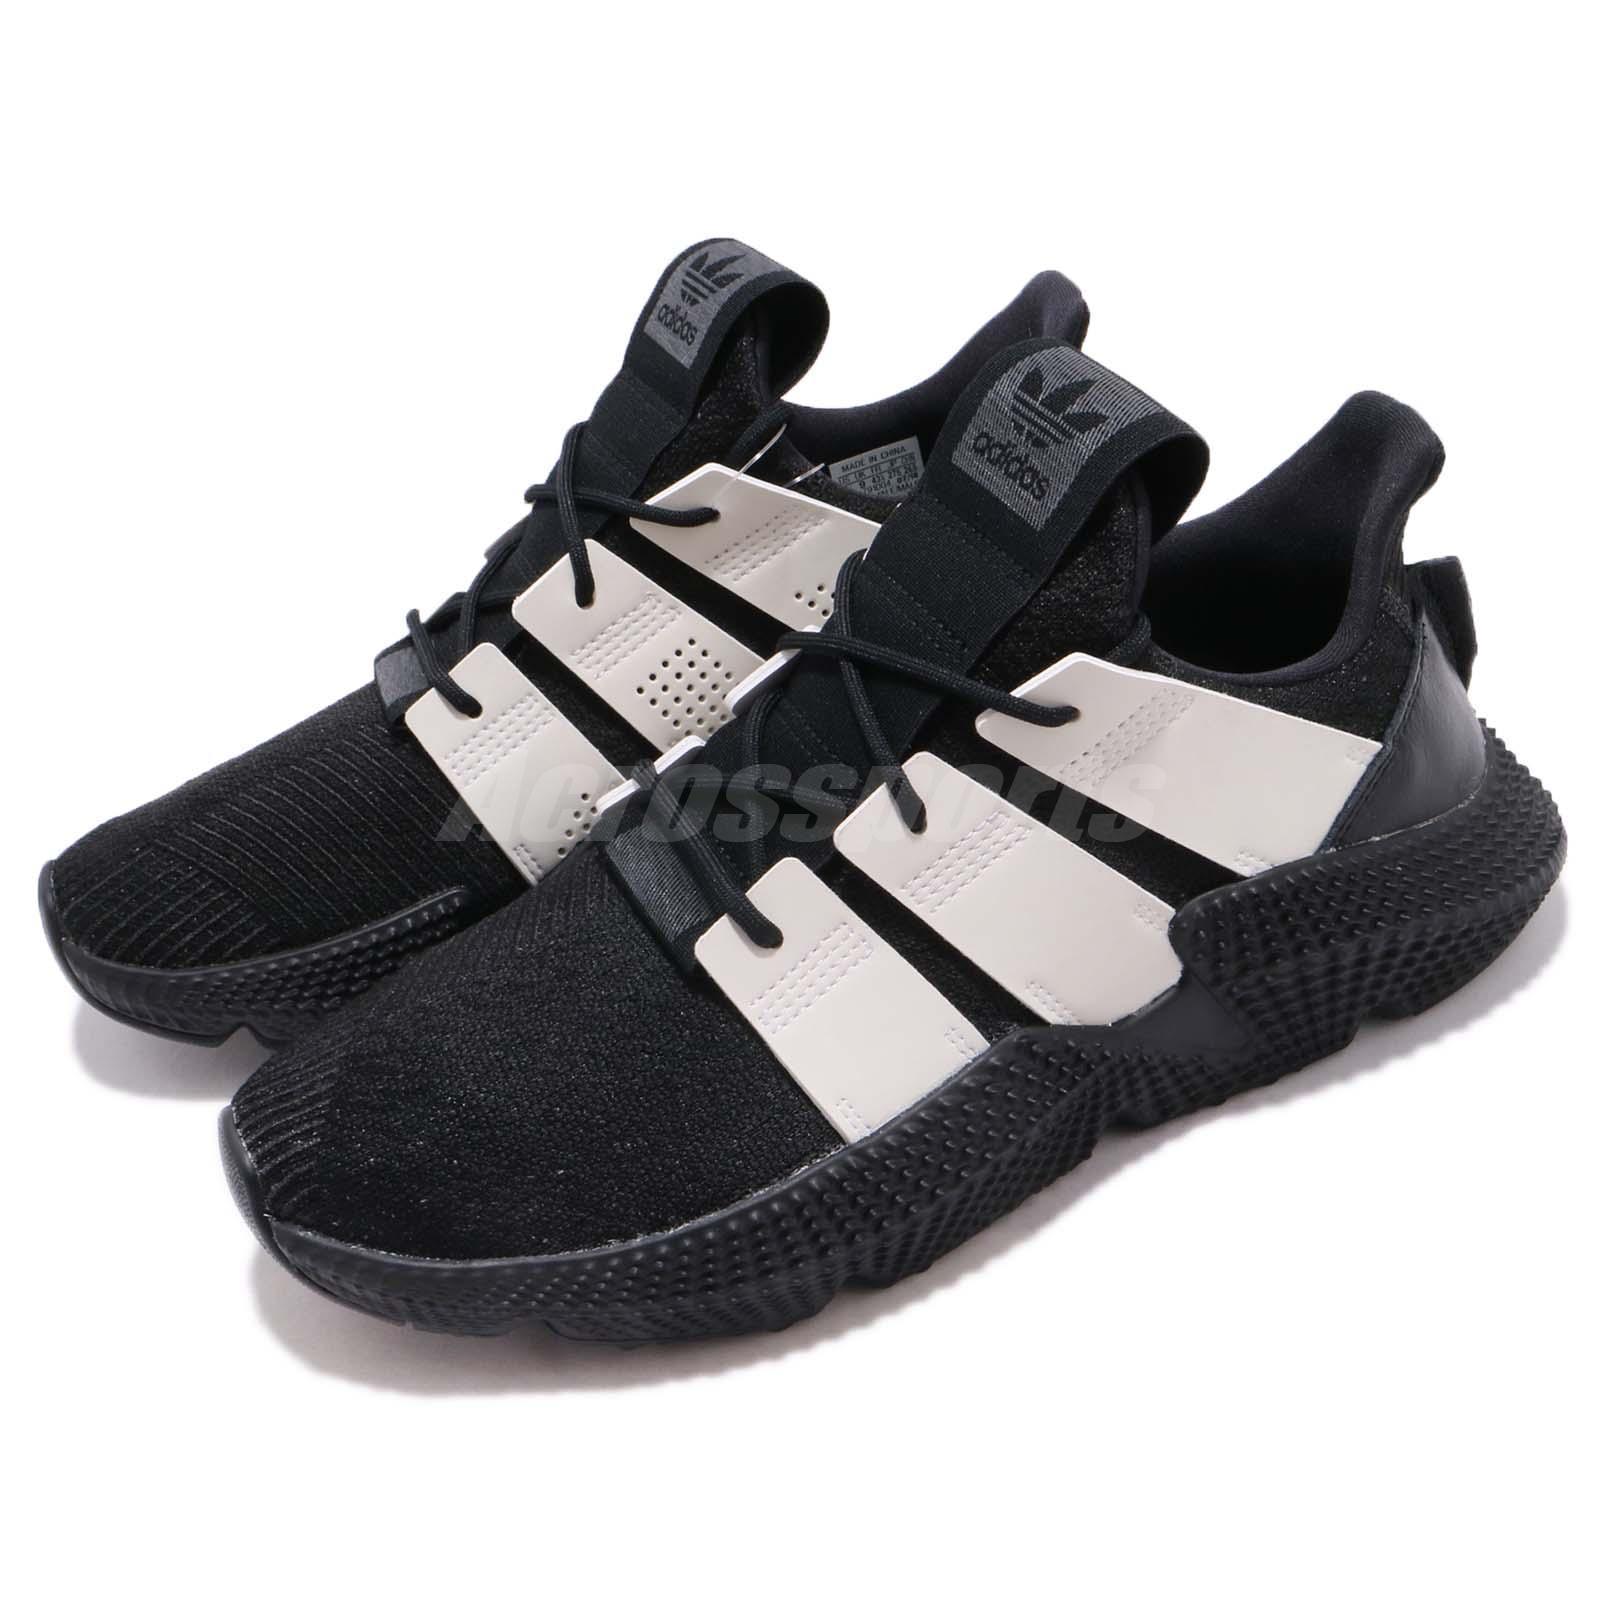 Man B37462 CORE BLACKFOOTWEAR WHITE SHOCK LIME adidas